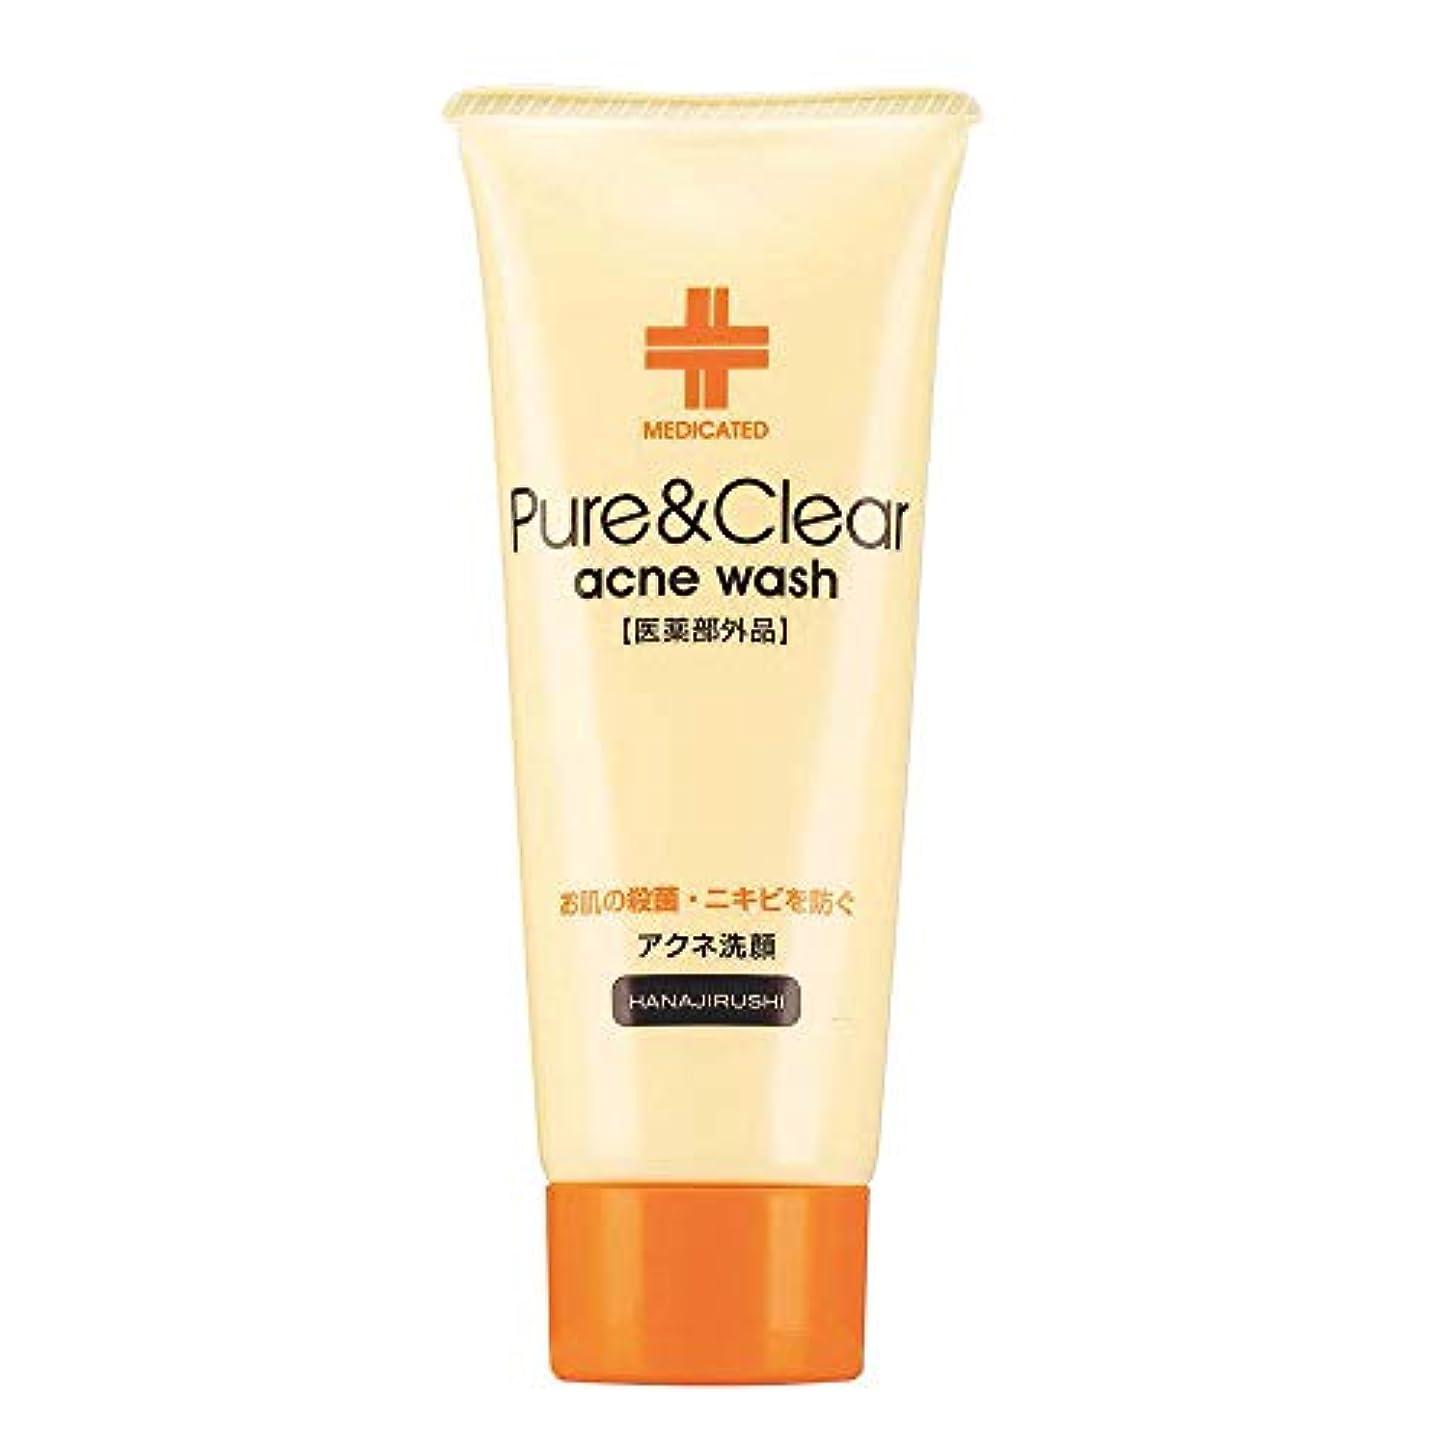 香水表面的なポンド花印 ピュア&クリアアクネウォッシュ100g ニキビ予防薬用洗顔フォーム 医薬部外品